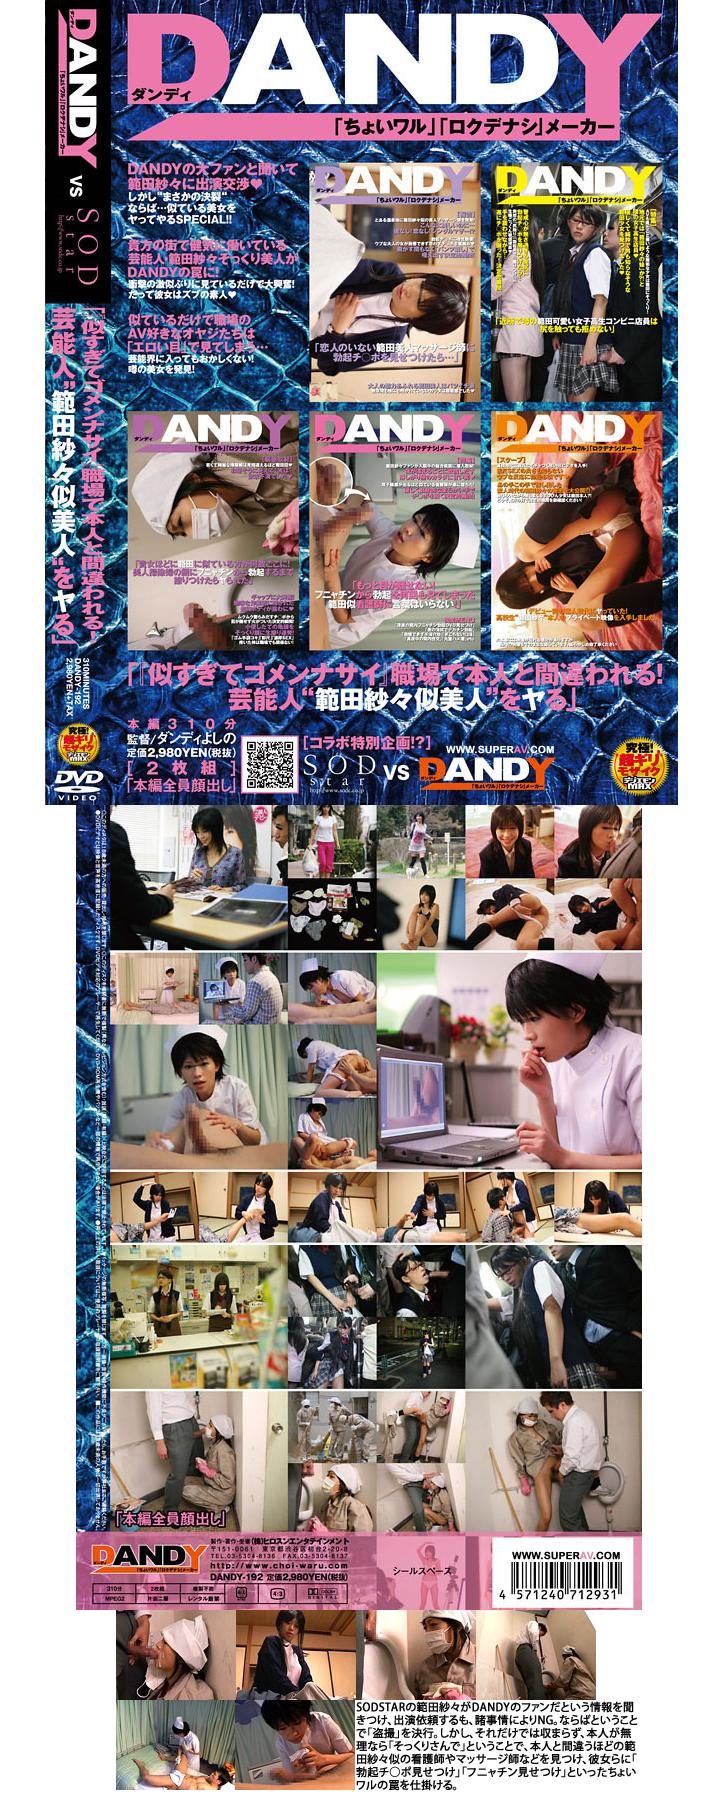 dandy_192_asian_erotic_story_BG